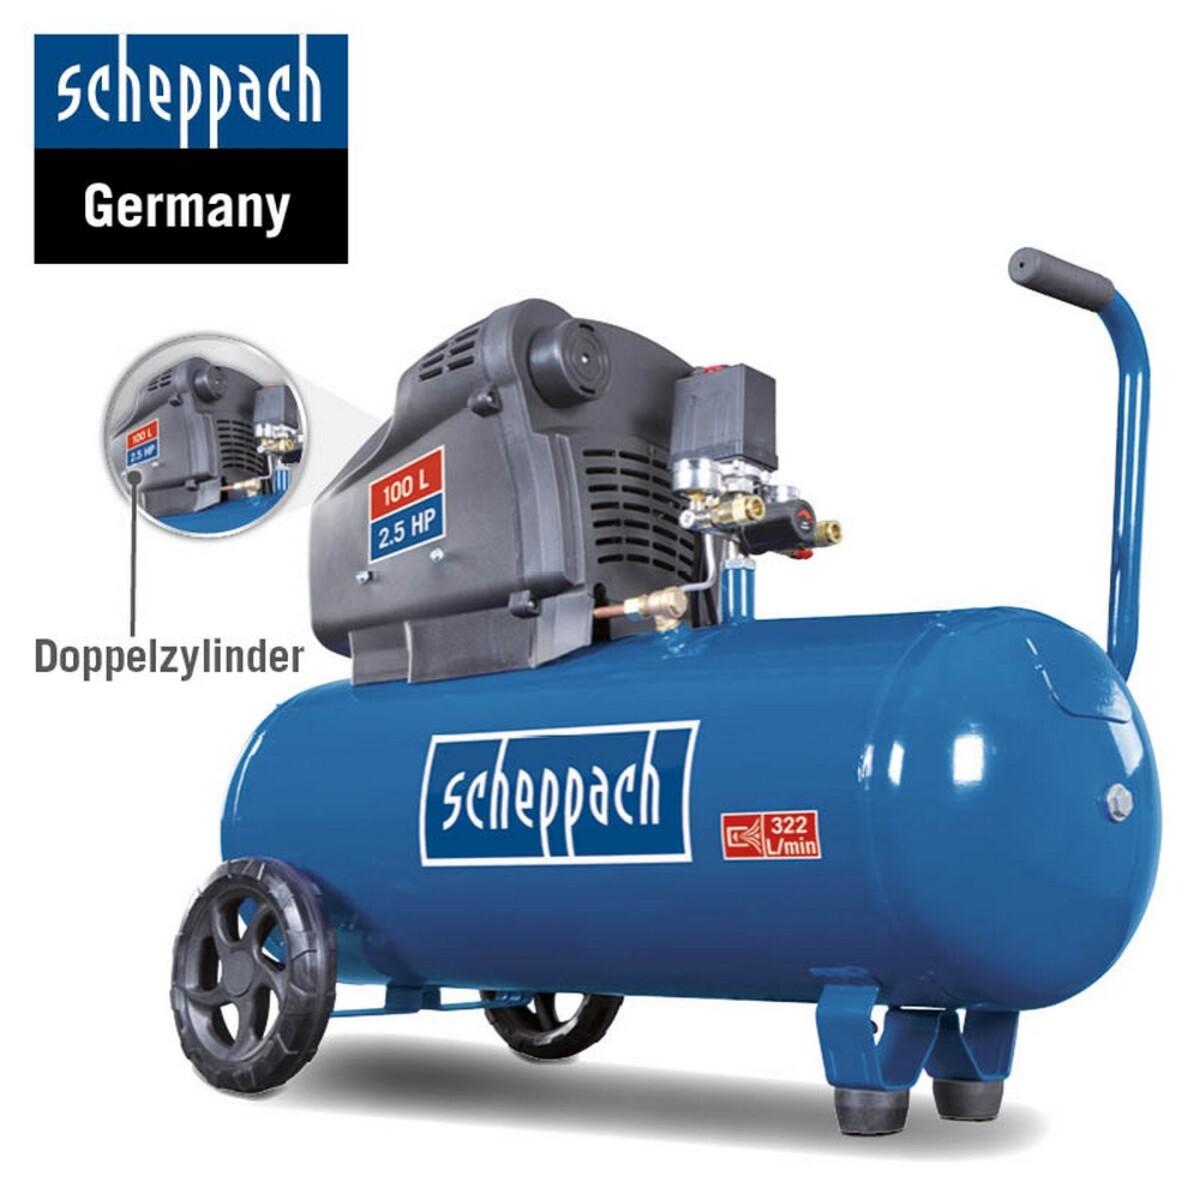 Bild 4 von Scheppach Doppelzylinder Kompressor ölfrei HC105DC